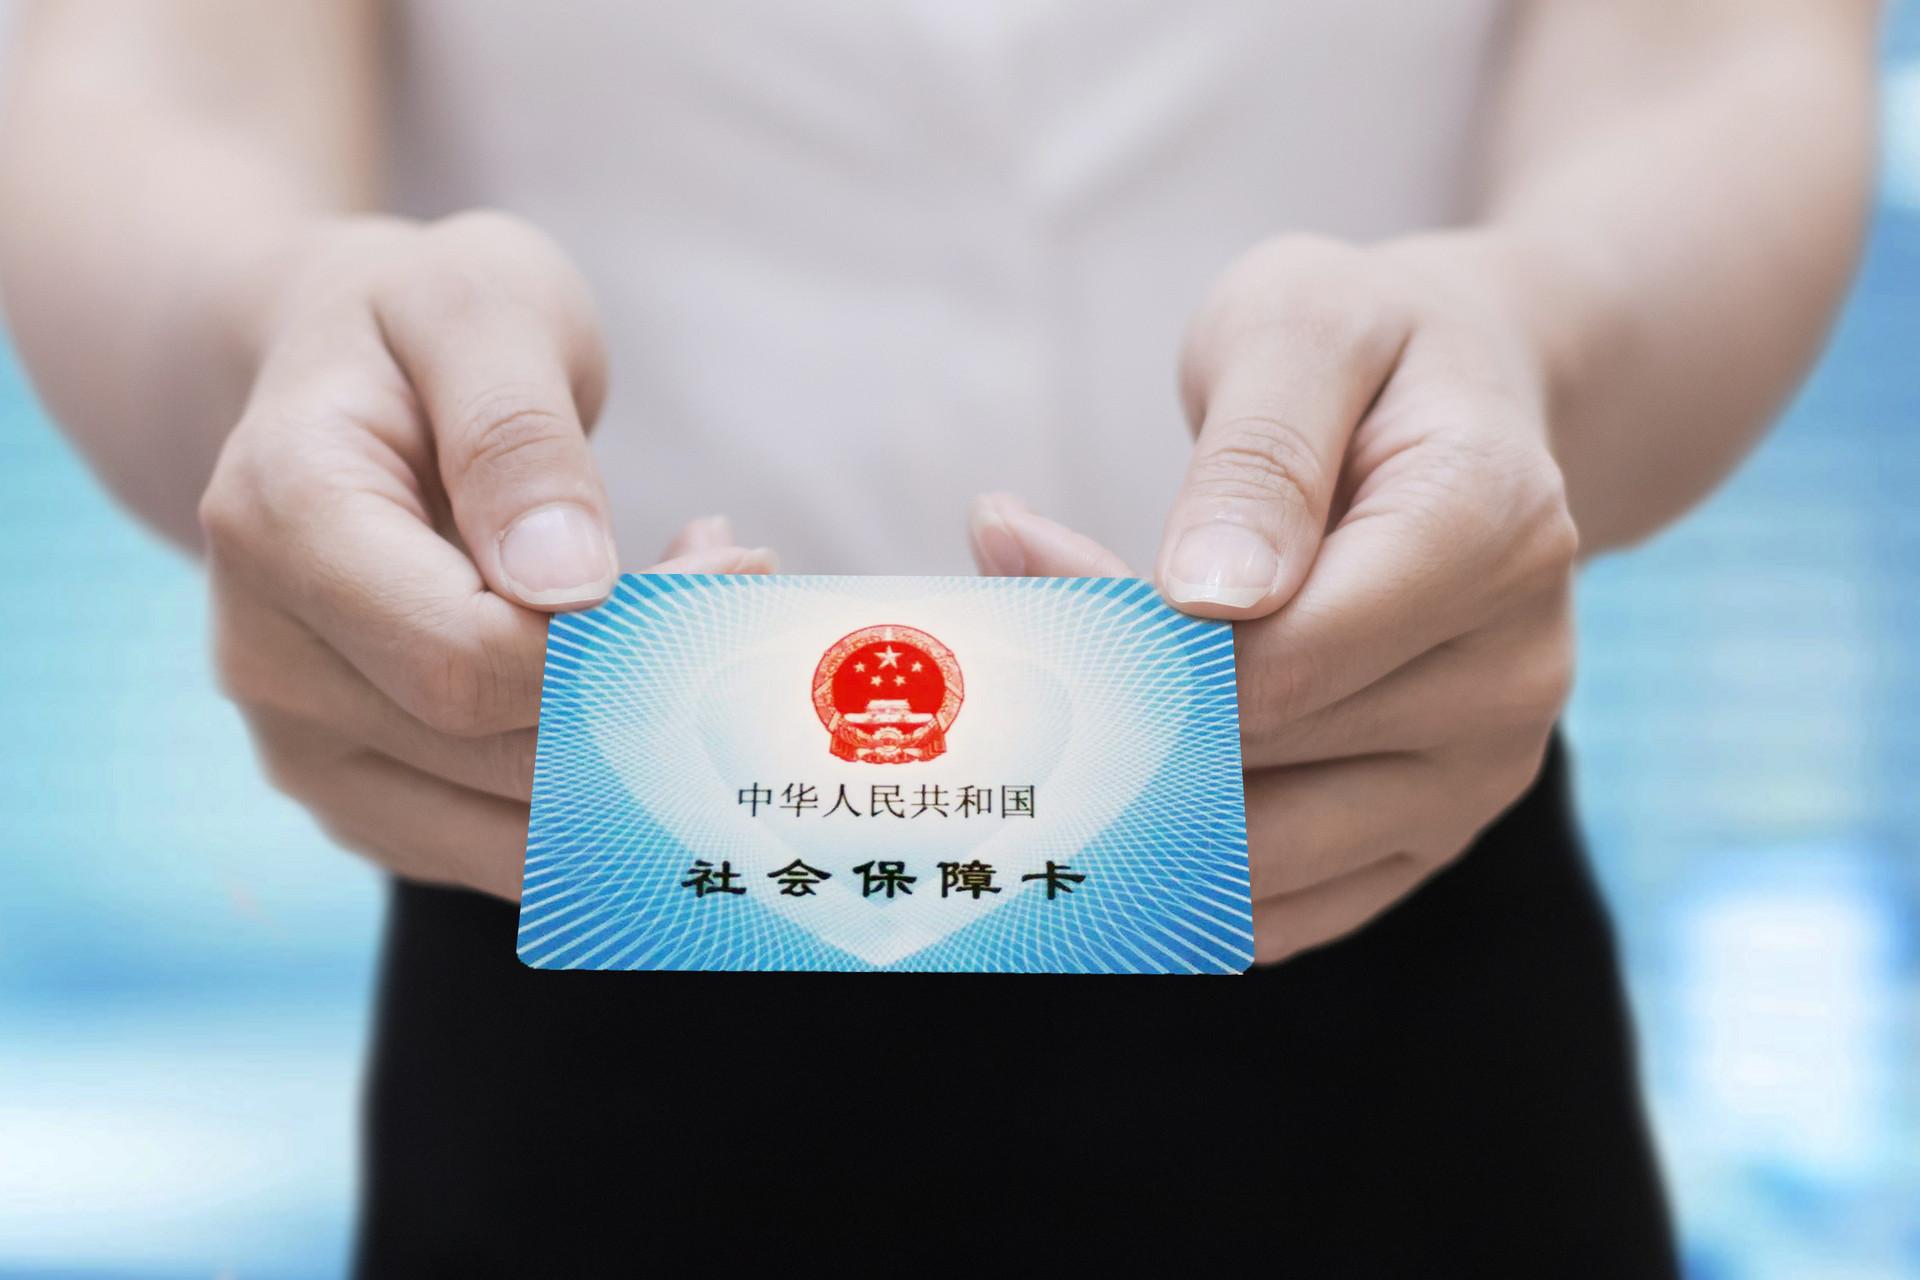 重庆外地自由职业者处理社保的两种方法